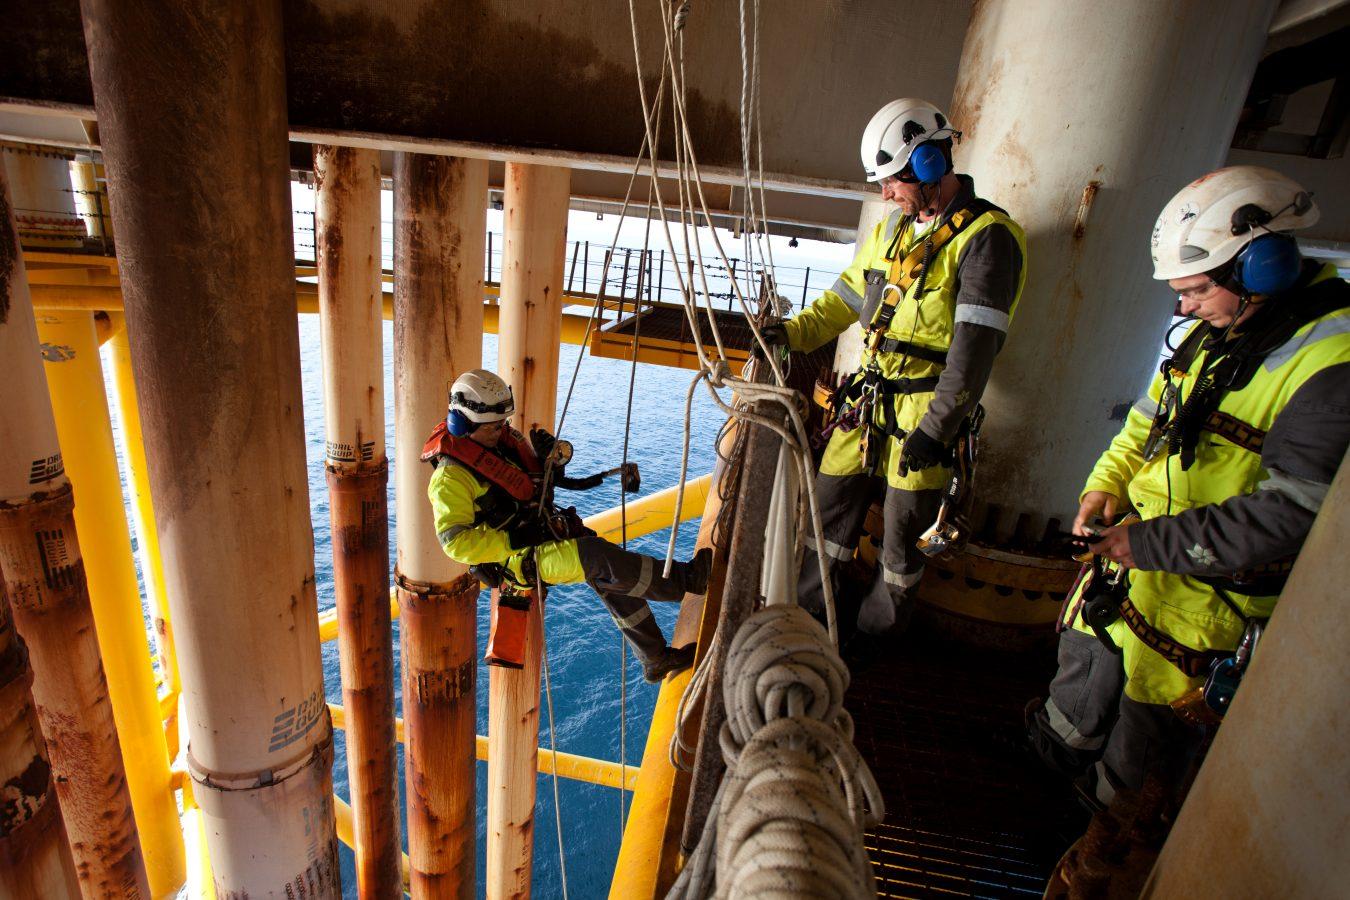 Tre klatrere i arbeid på en plattform i Nordsjøen. En er i ferd med å fire seg ned langs konduktorene for å inspisere en reparert skade.  Foto: Roger Hardy/Samfoto